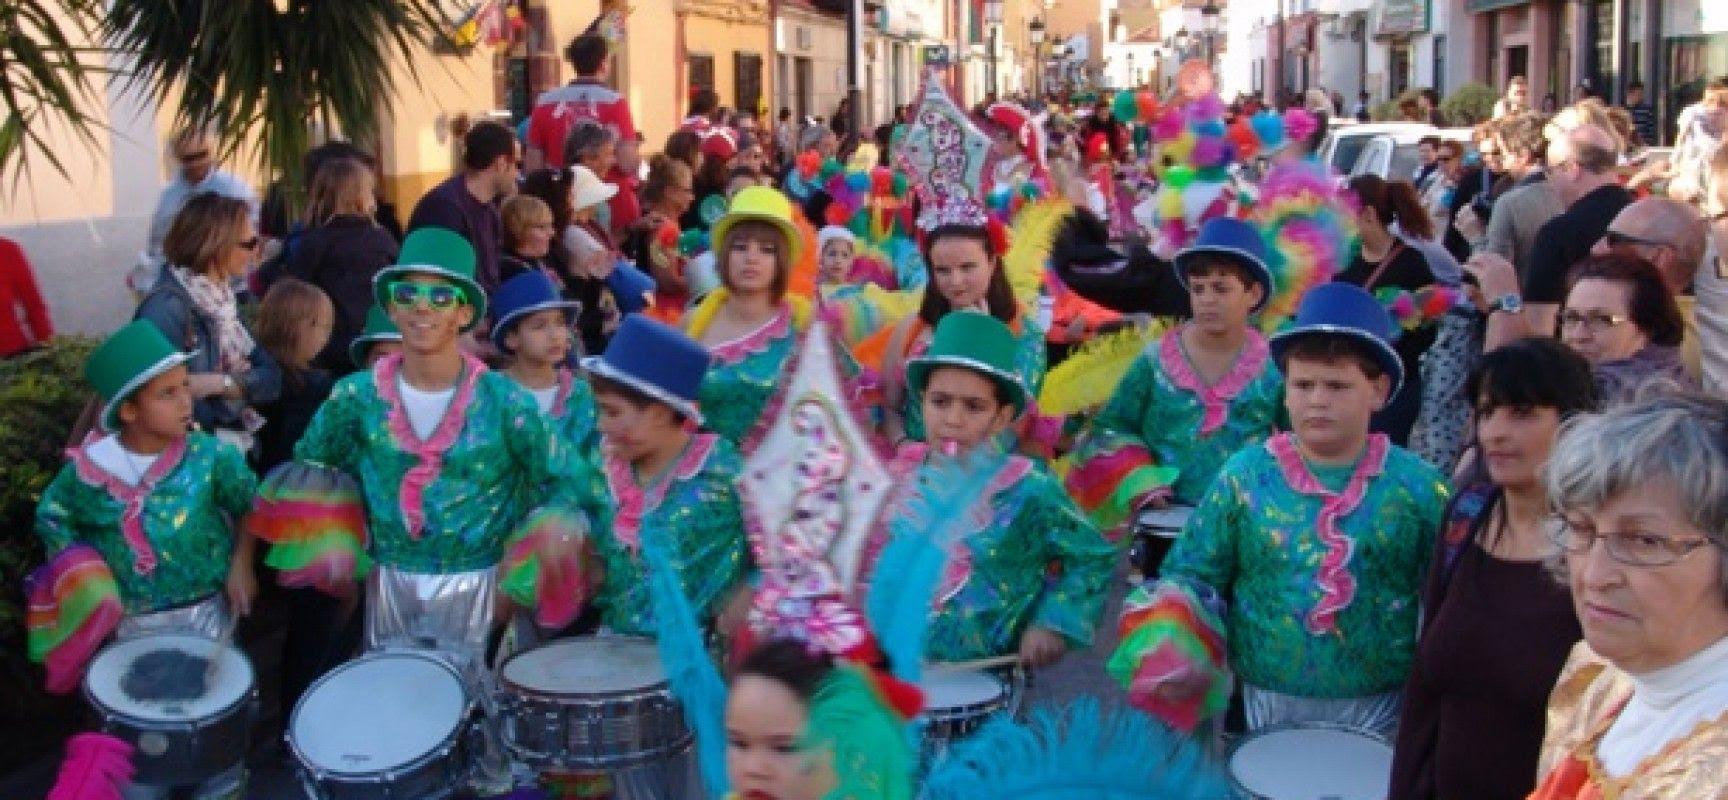 El Ayuntamiento de San Sebastian de La Gomera regula la participación de carrozas y coches engalanados